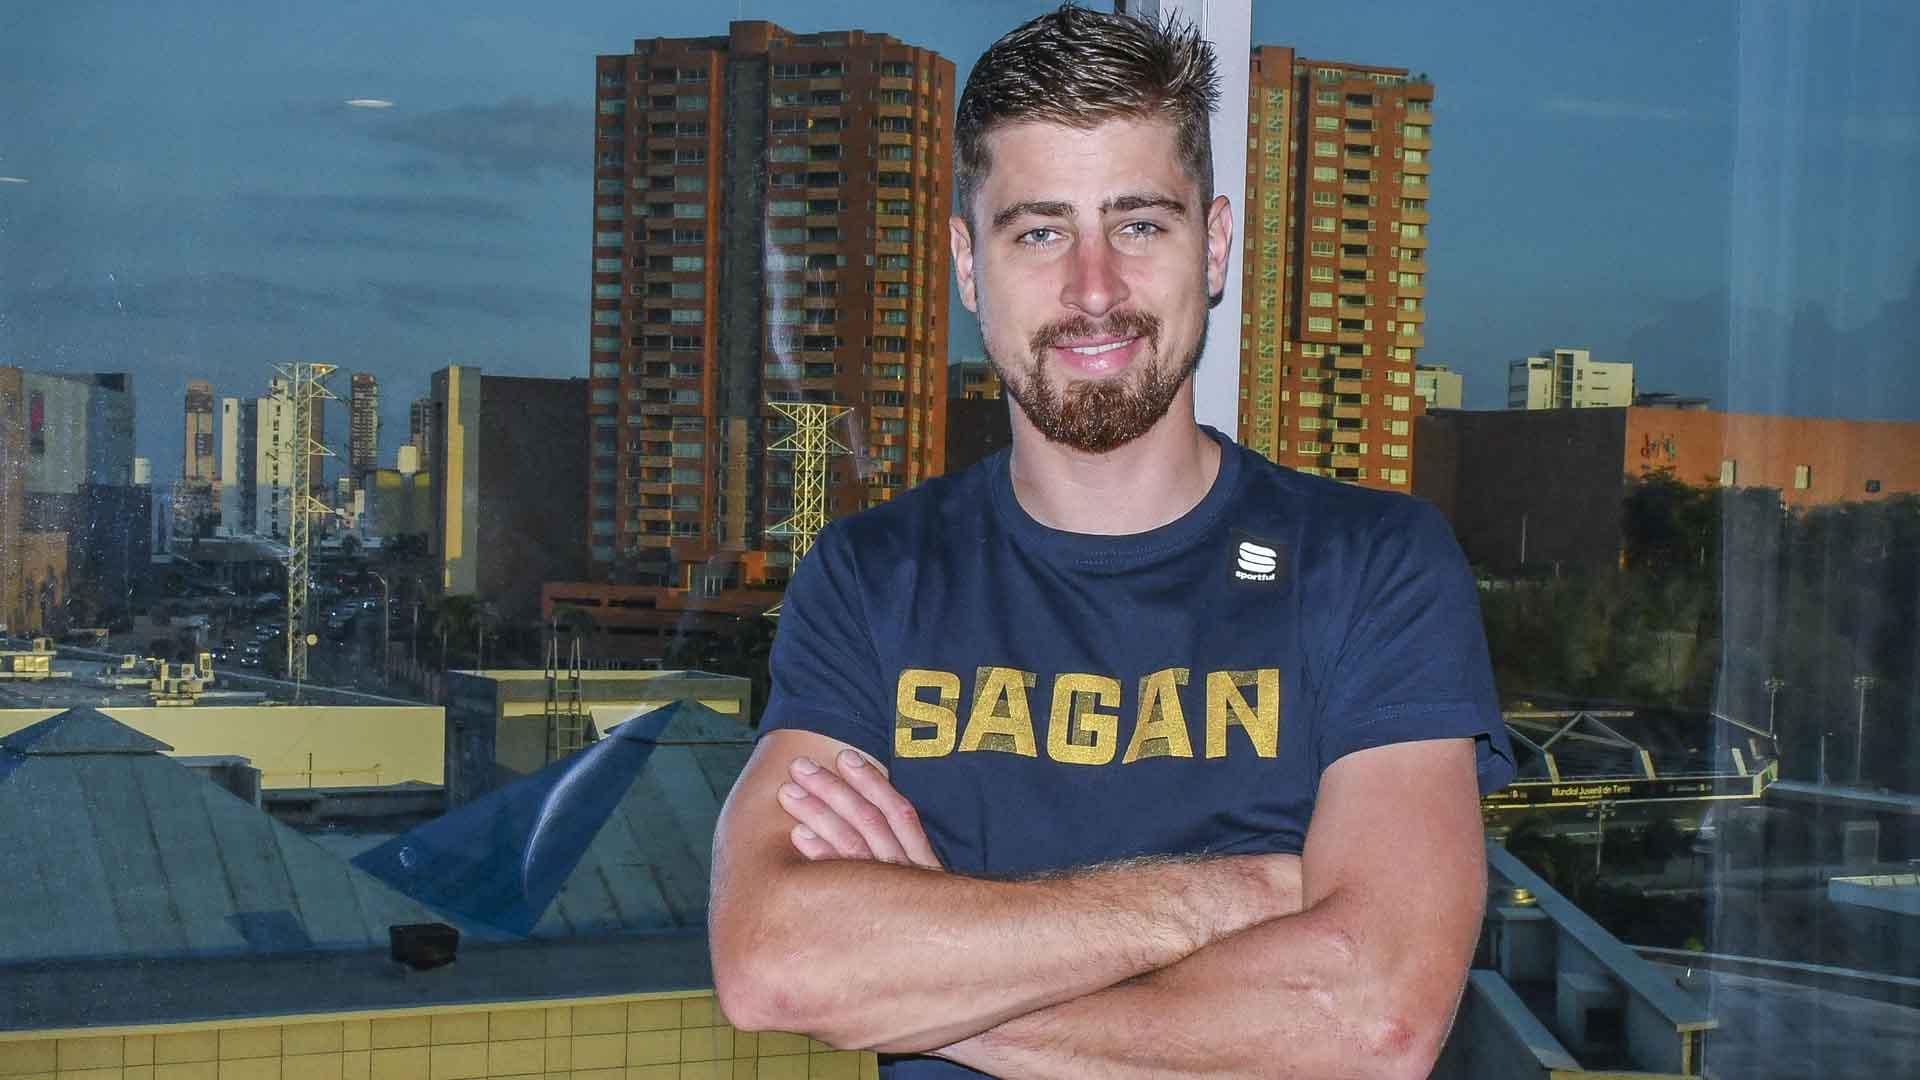 """""""Disfruto estar en Barranquilla, la gente es muy amigable"""": Peter Sagan, campeón mundial de ciclismo - El Heraldo (Colombia)"""